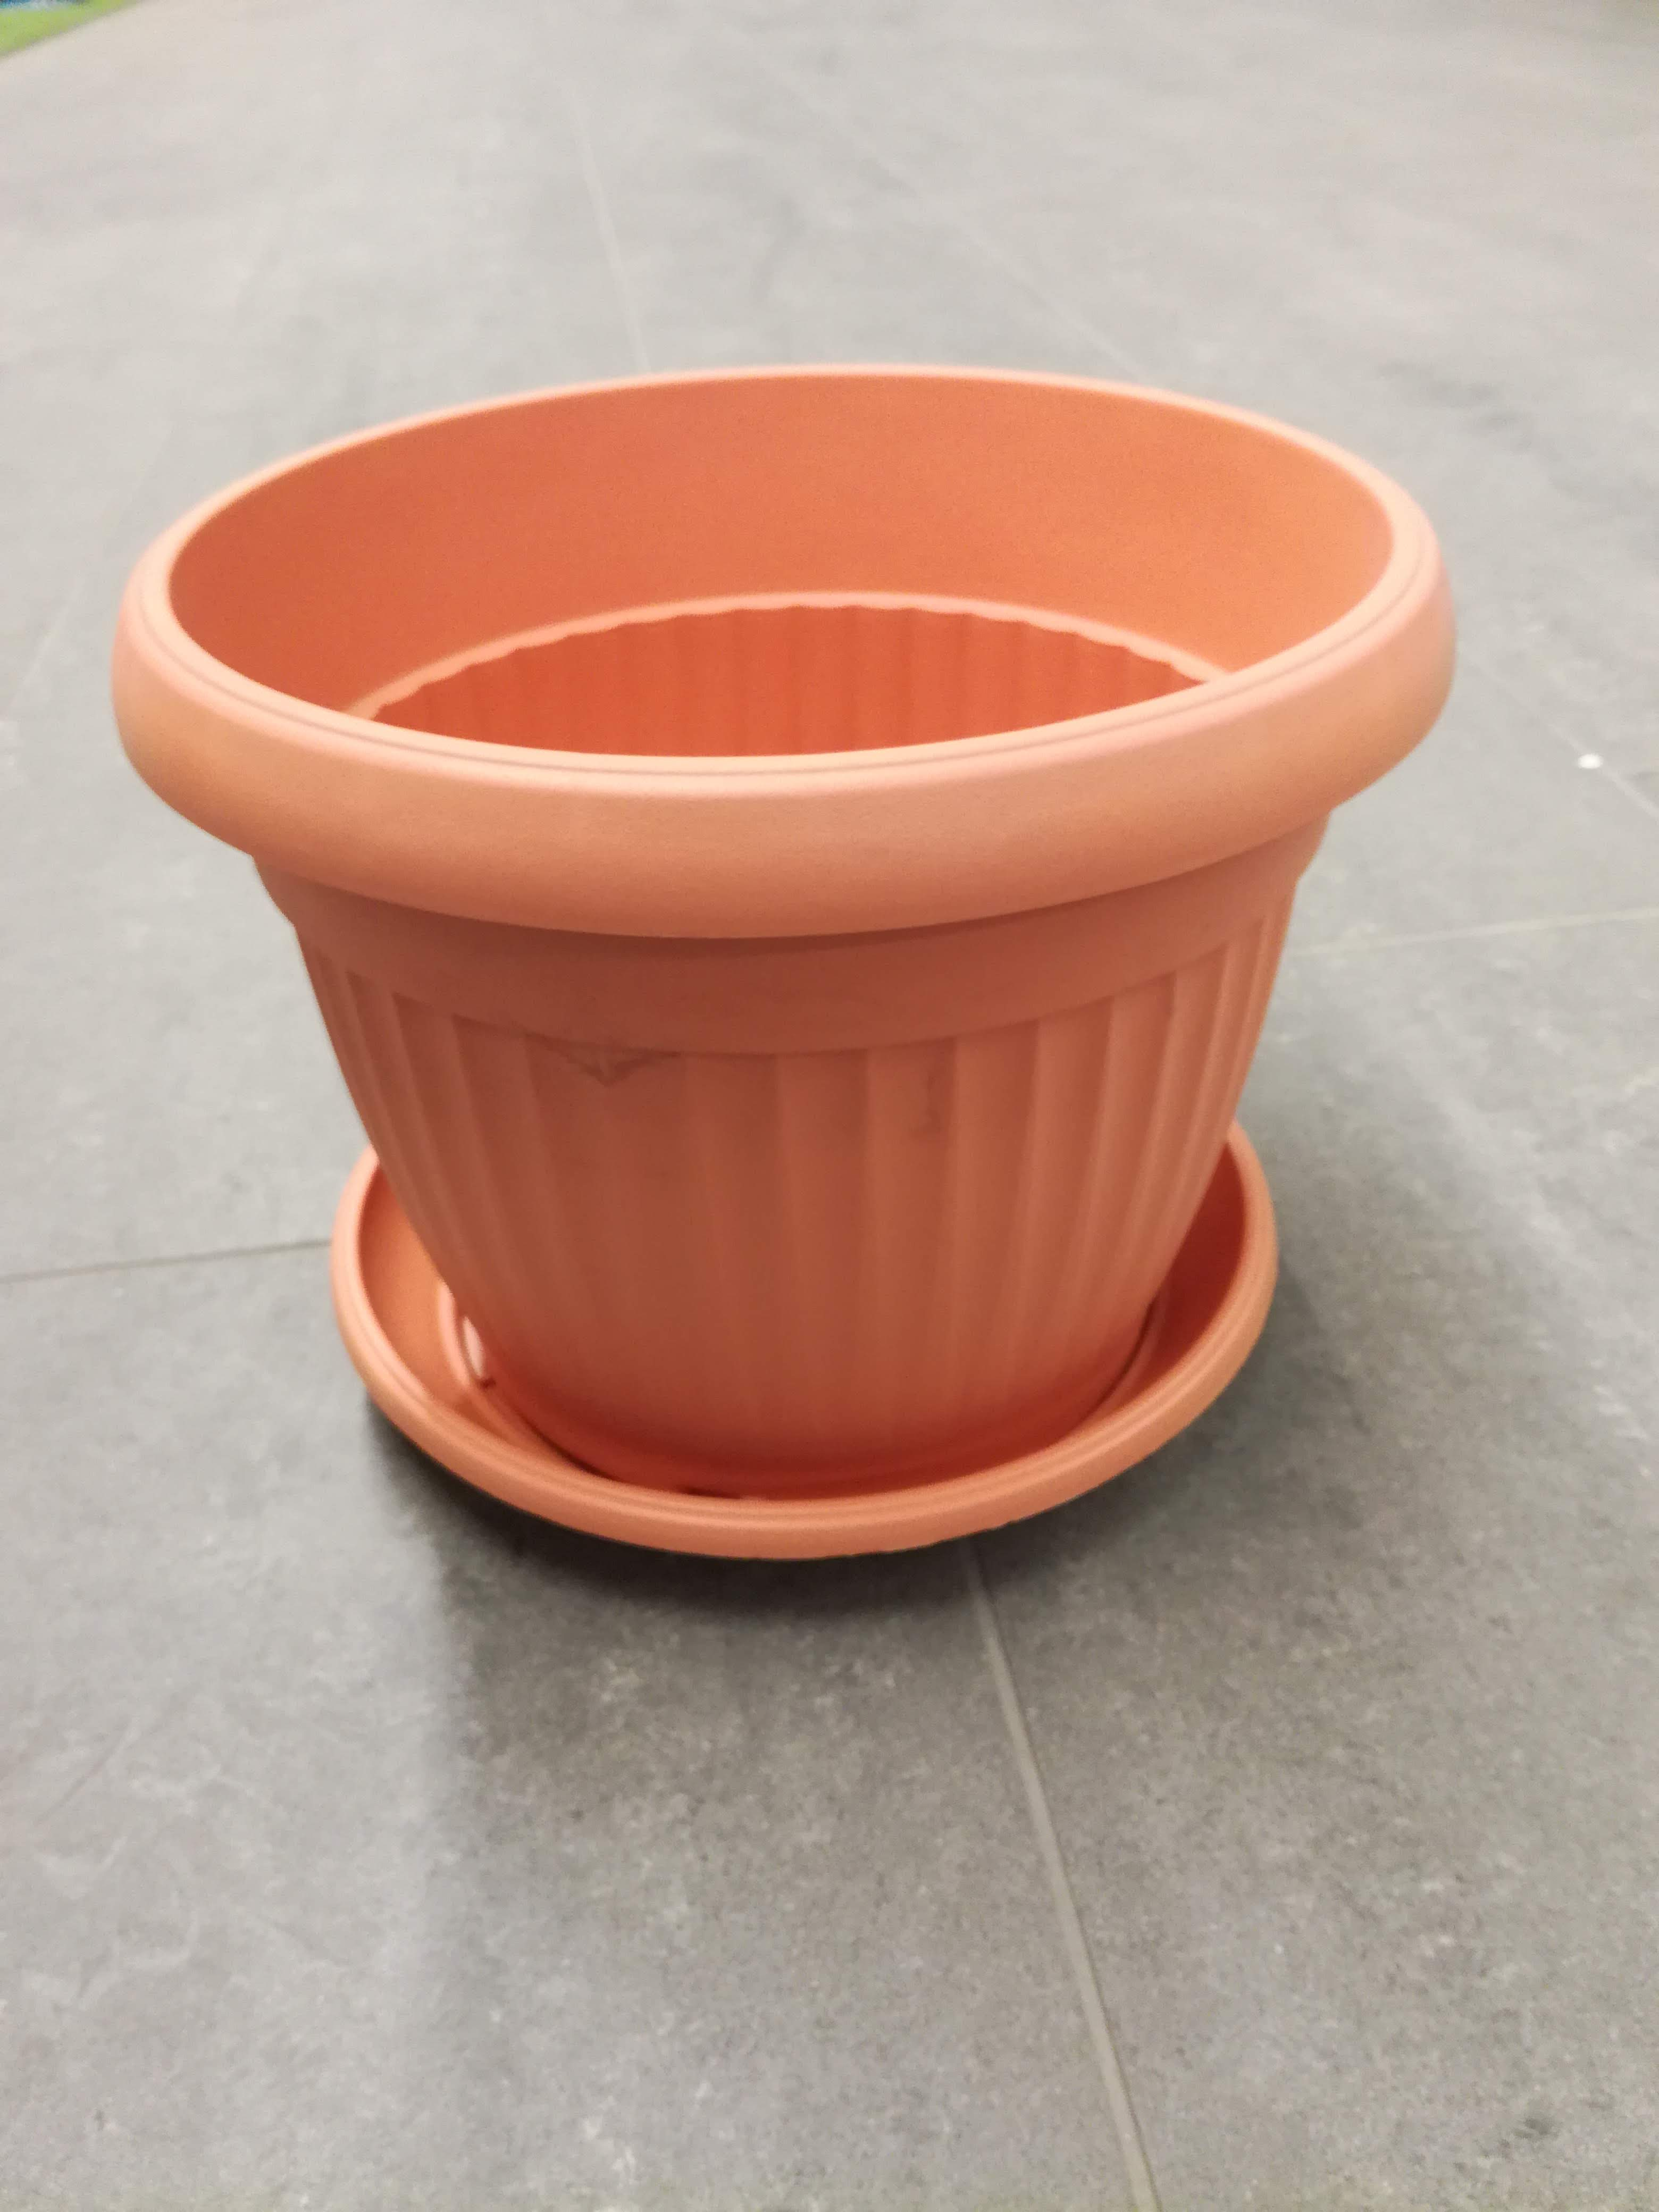 Pyöreä ruukku ja lautanen  35cm, similcotto,vaaleaterracotta 5 kpl